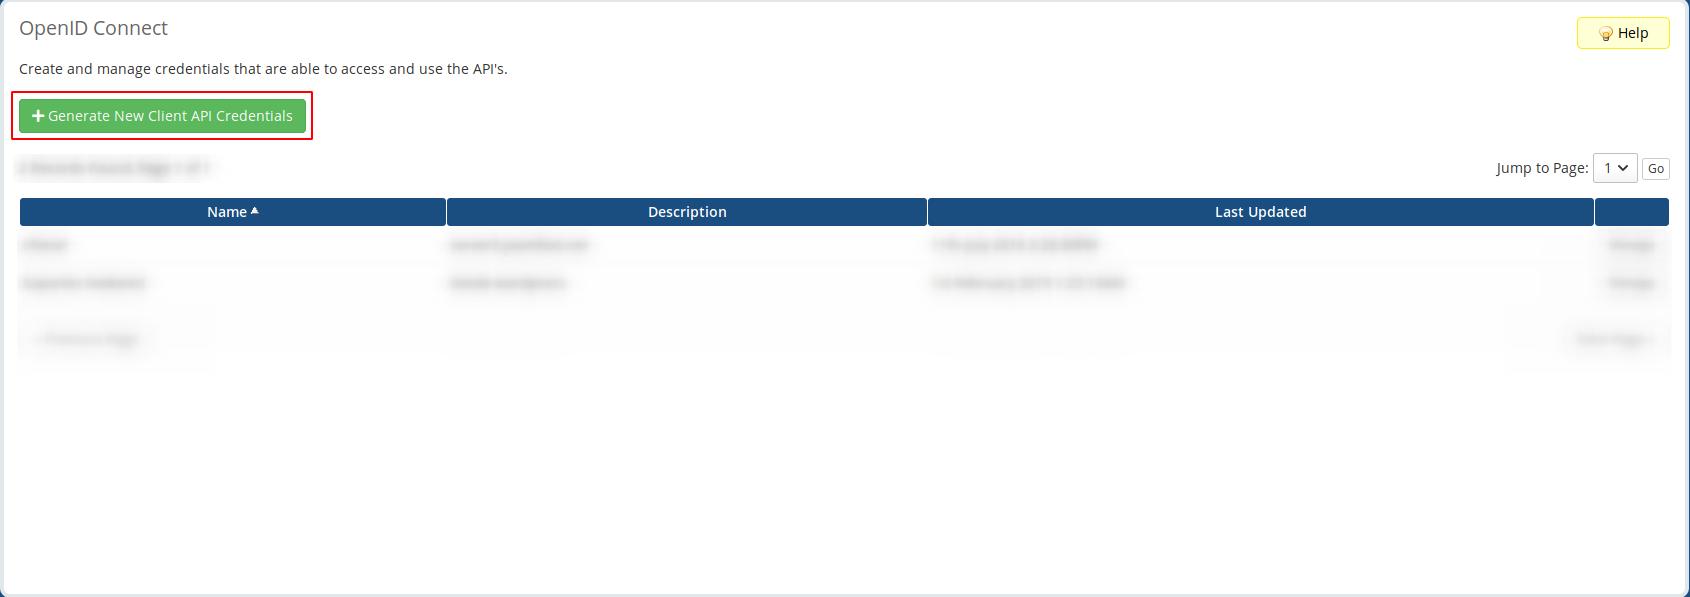 generate new Client API Credentials